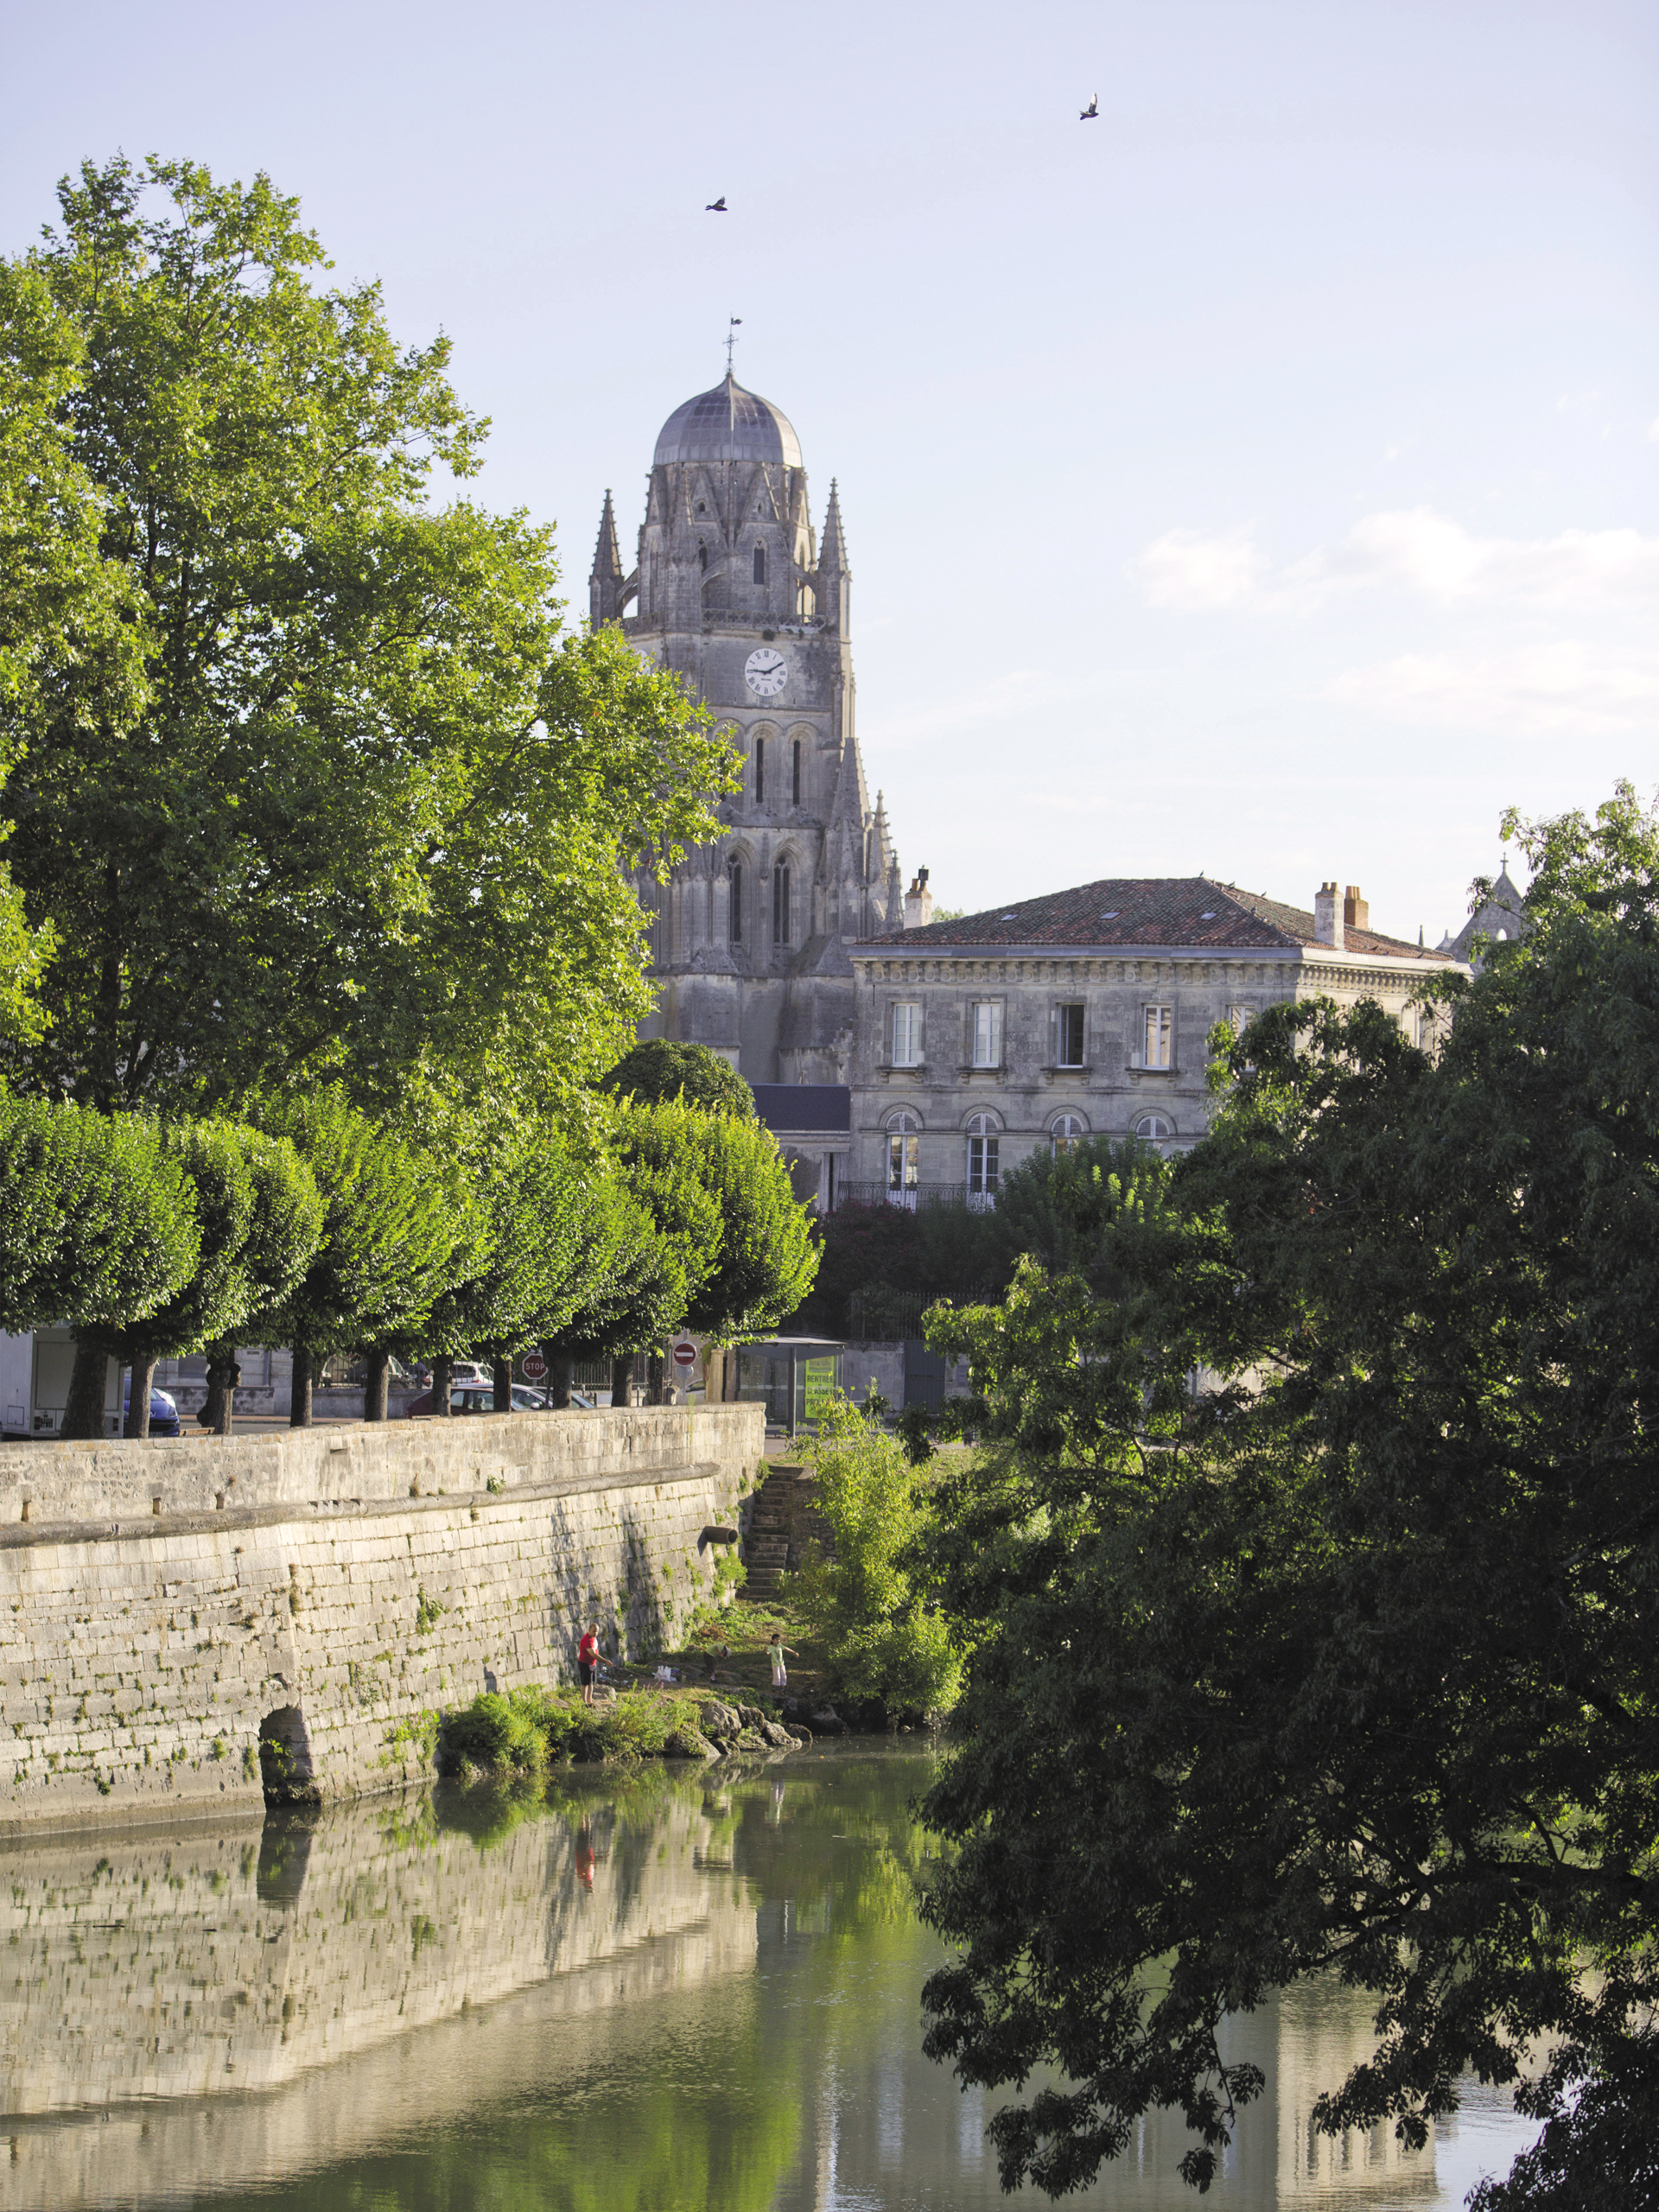 City centre of Saintes